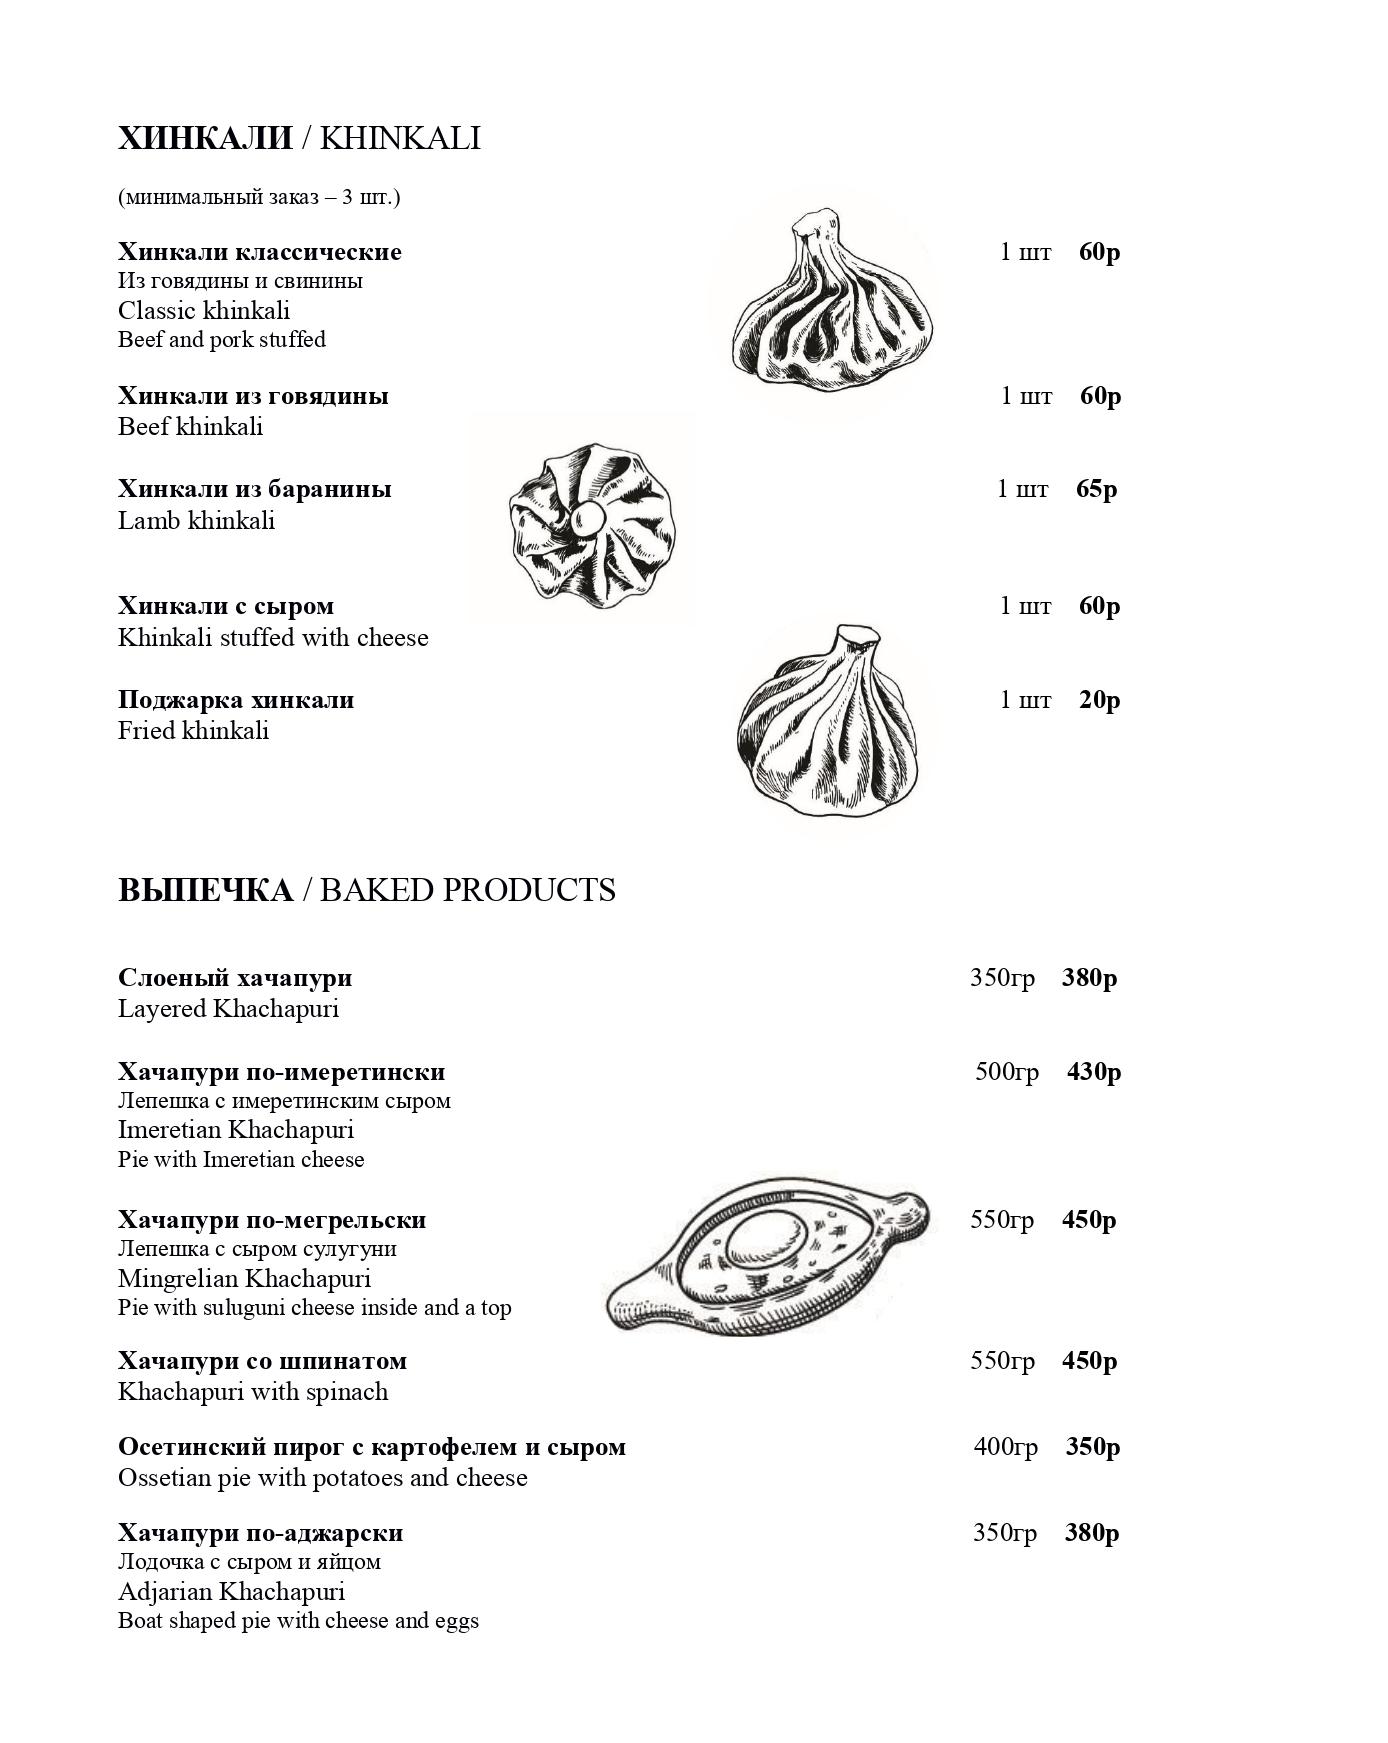 меню нижегородская (22 шт)_pages-to-jpg-0010